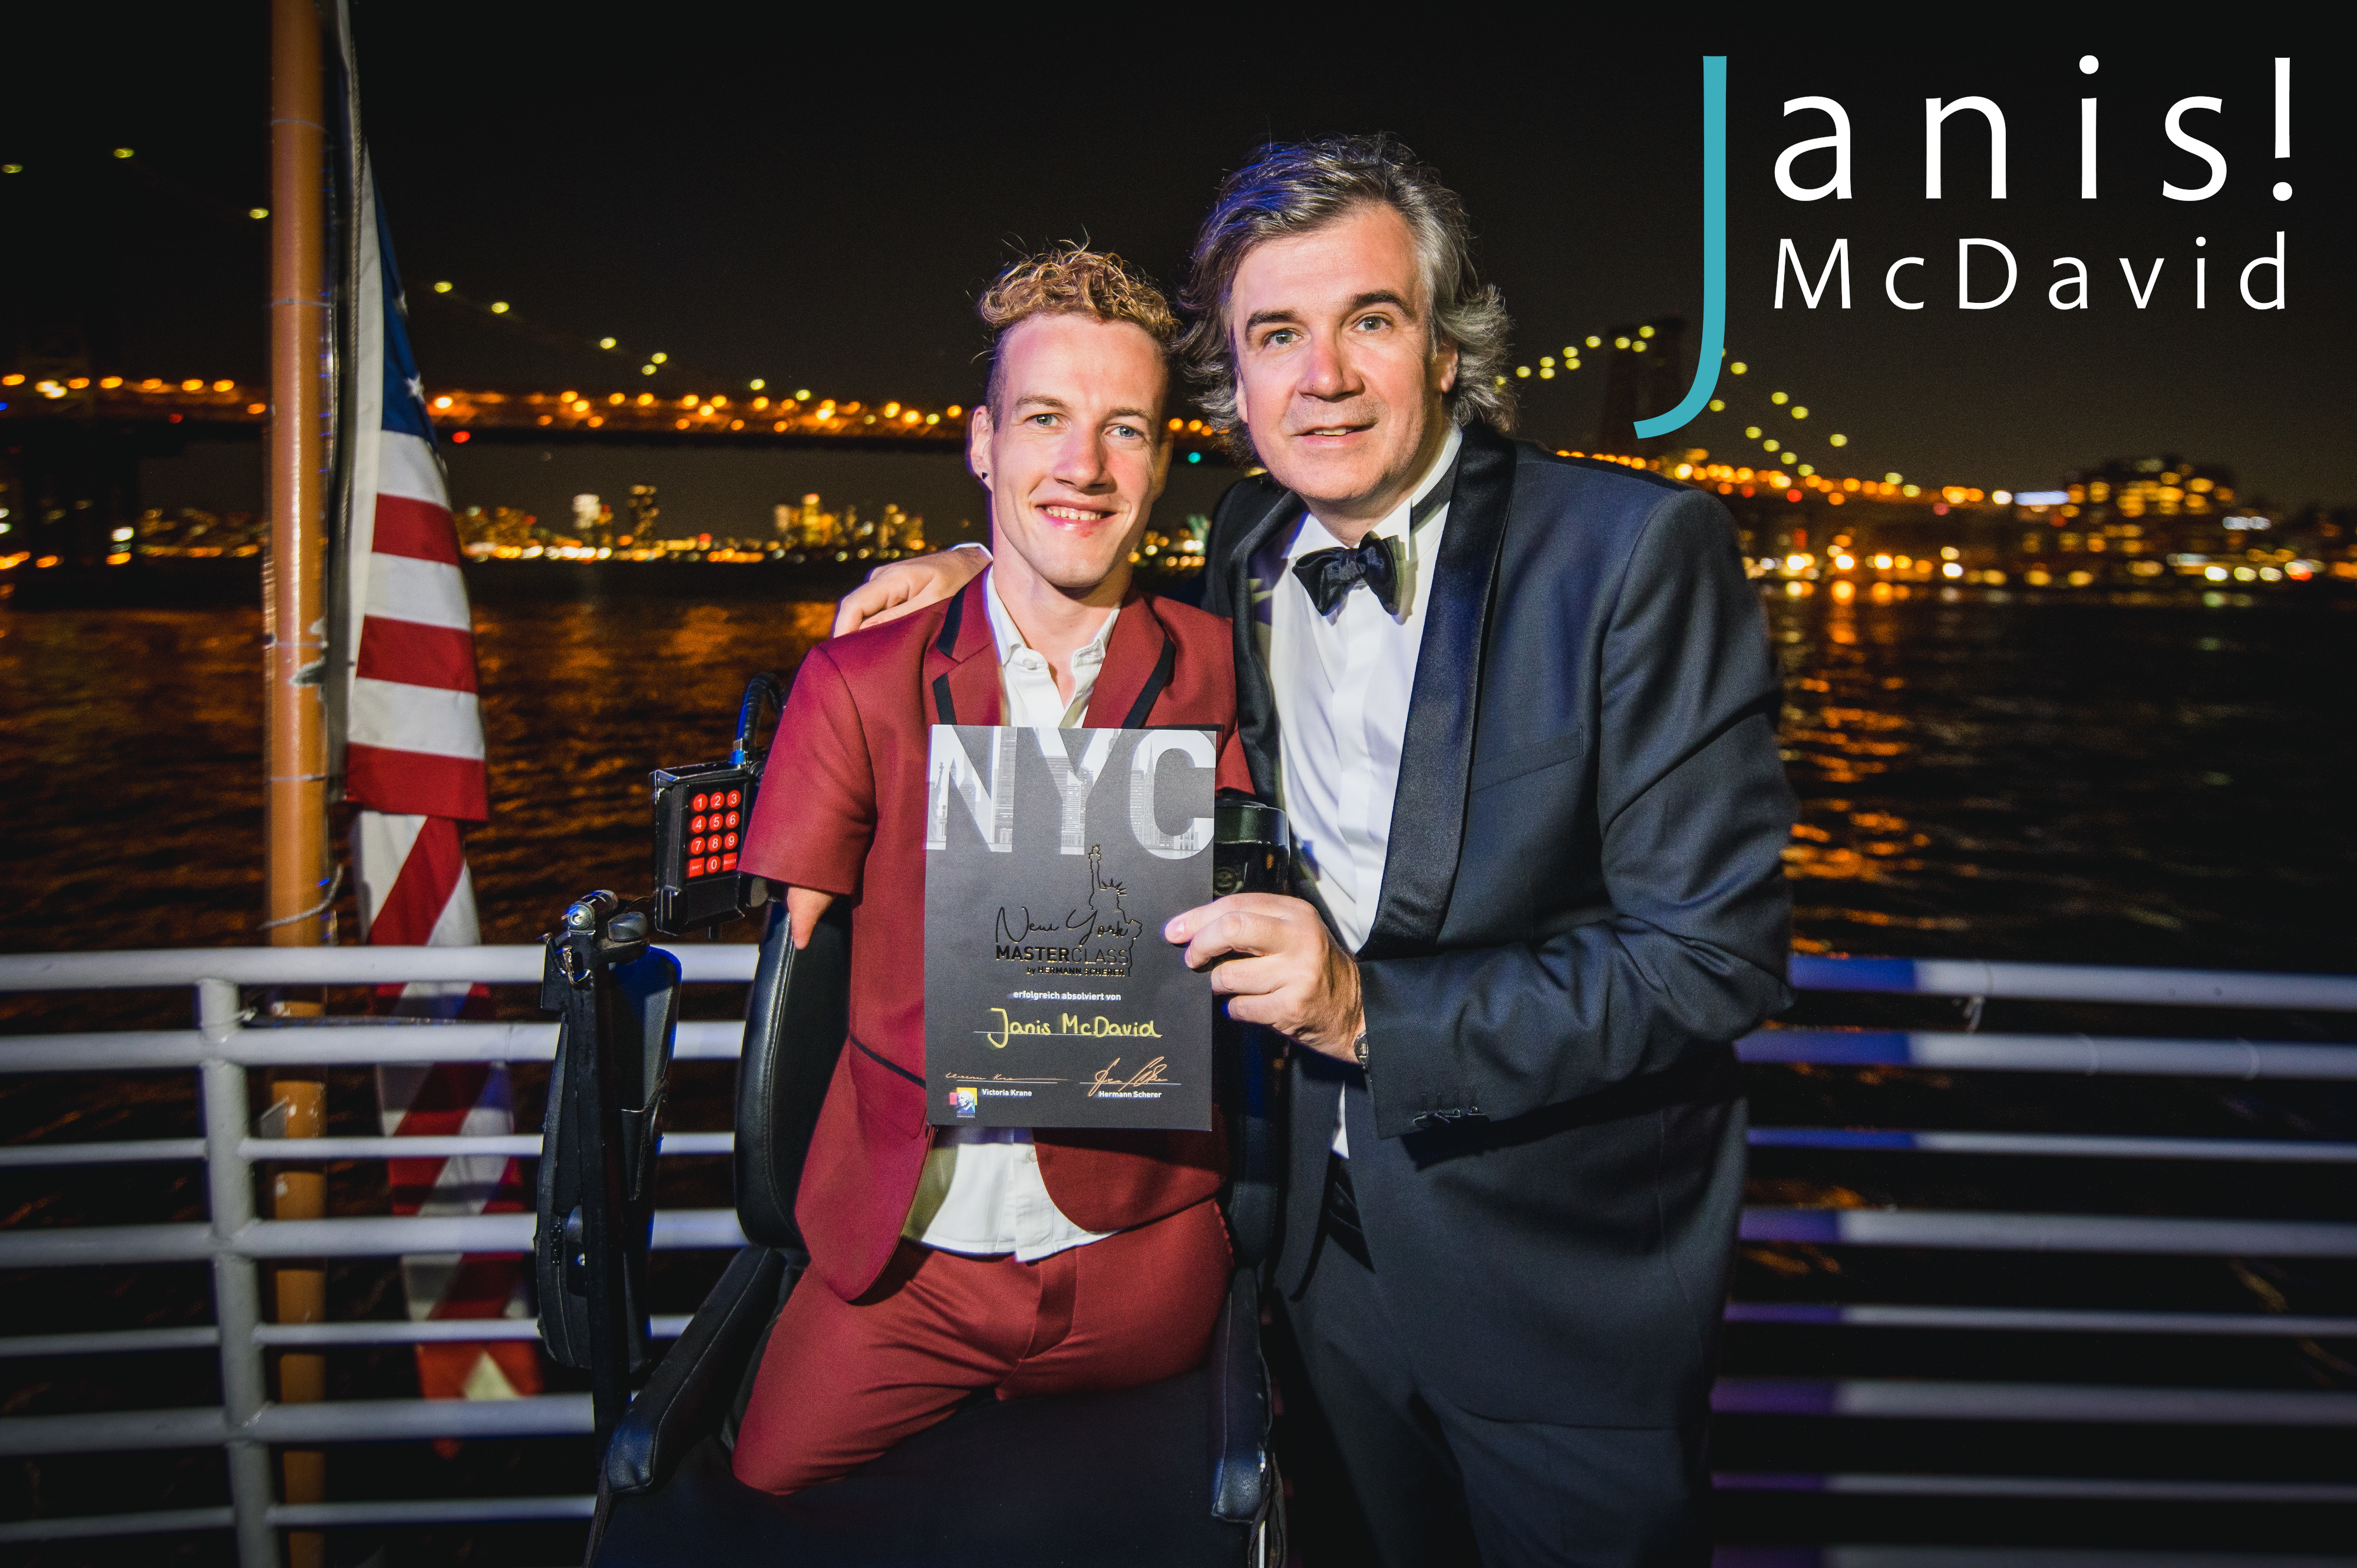 01.09.2019 Der Gewinner des Internationalen Speaker Slam 2018 schlägt wieder zu: Platz zwei für Janis McDavid in New York 2019 | Janis McDavid + Hermann Scherer | Foto: Patrick Reymann (Instagram: @momentesammler.pro)